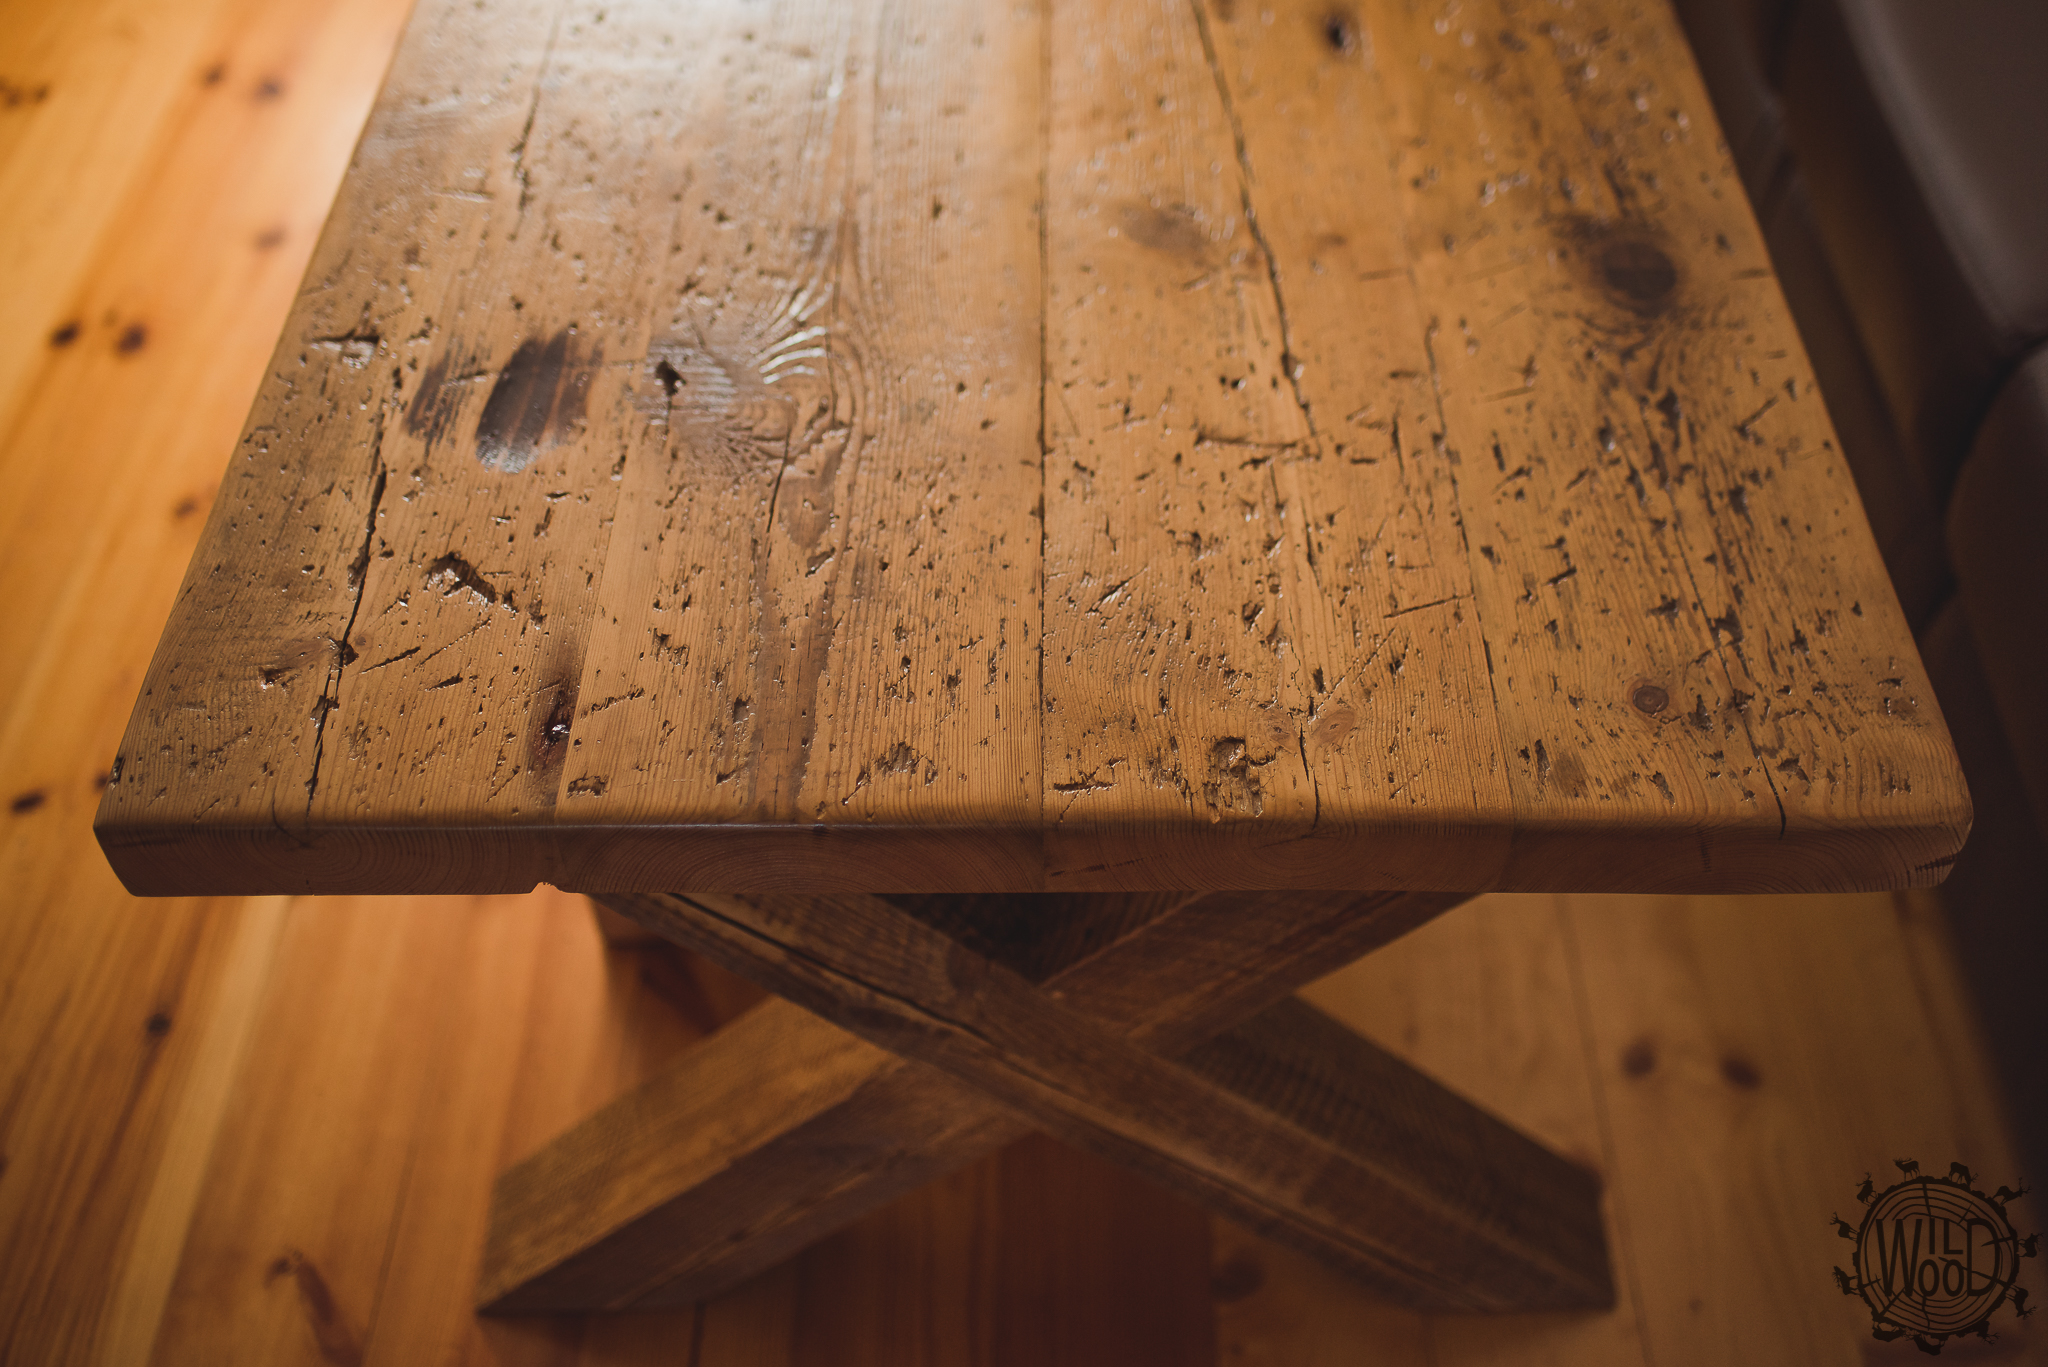 stolarz białystok, nietypowe meble białystok, usługi stolarskie podlaskie, wildwood, usługi stolarskie białystok, stolarz podlaskie, meble ze starego drewna, meble do salonu białystok knyszyn, stół